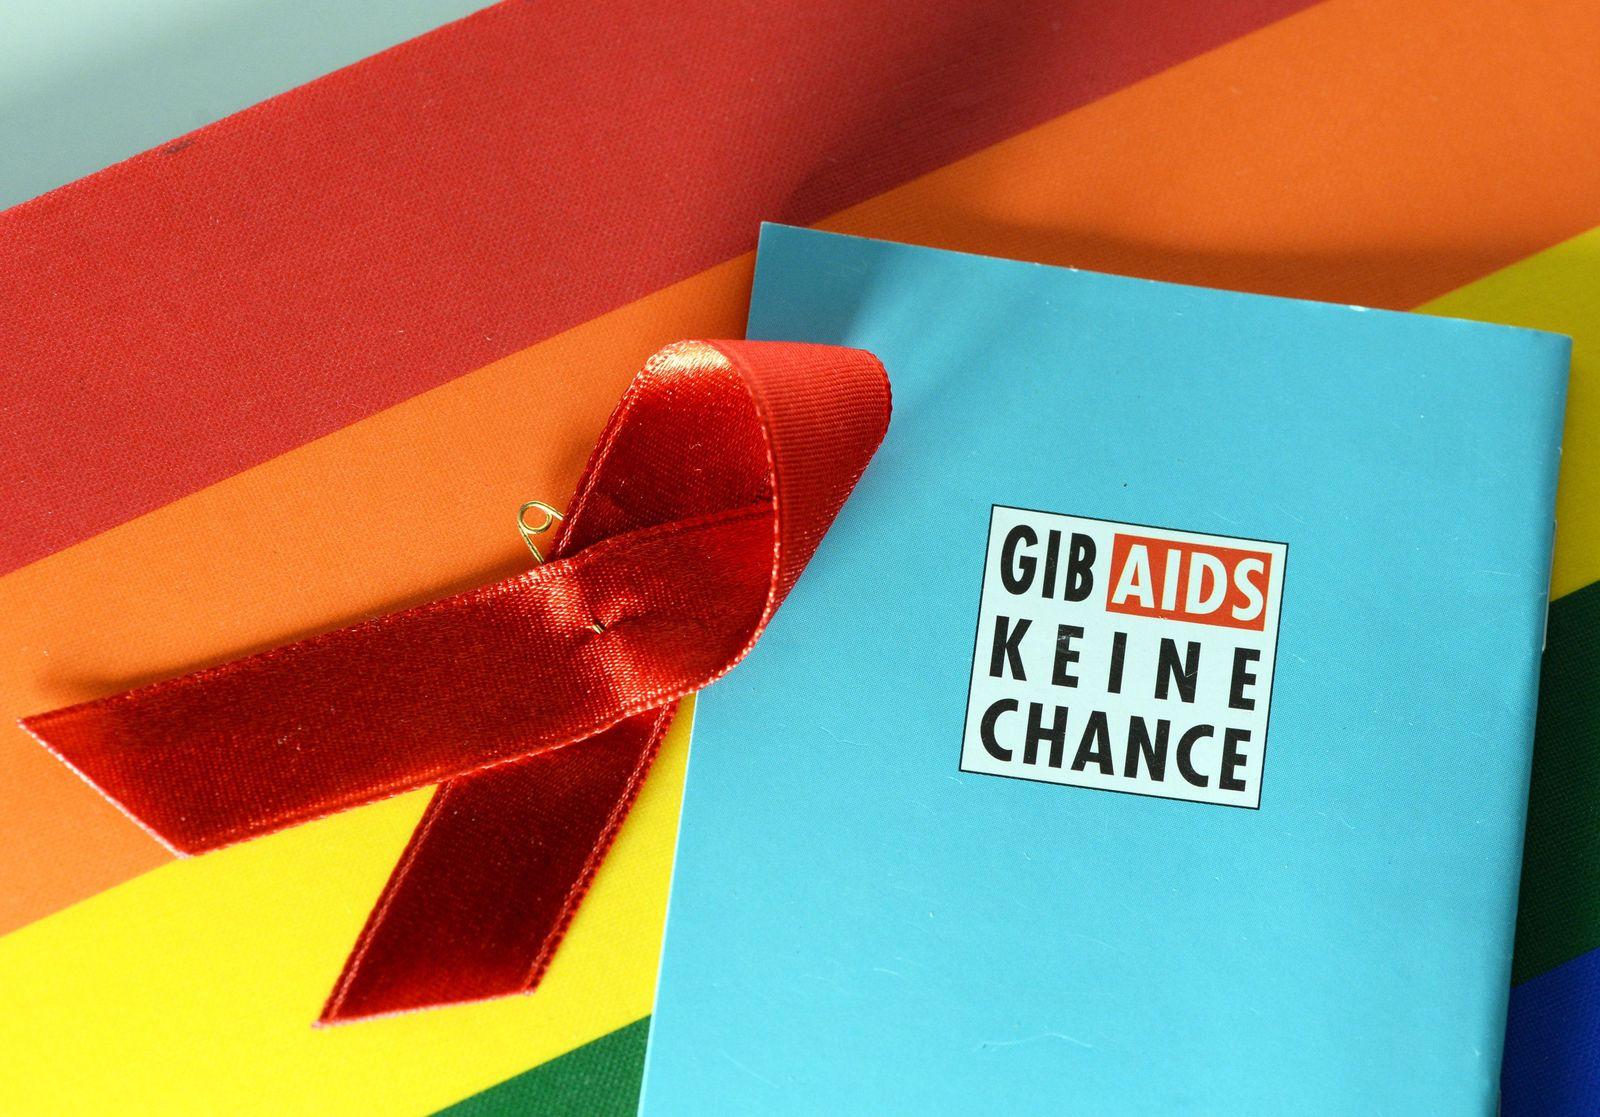 Aids Schleife und Regenbogenfarben